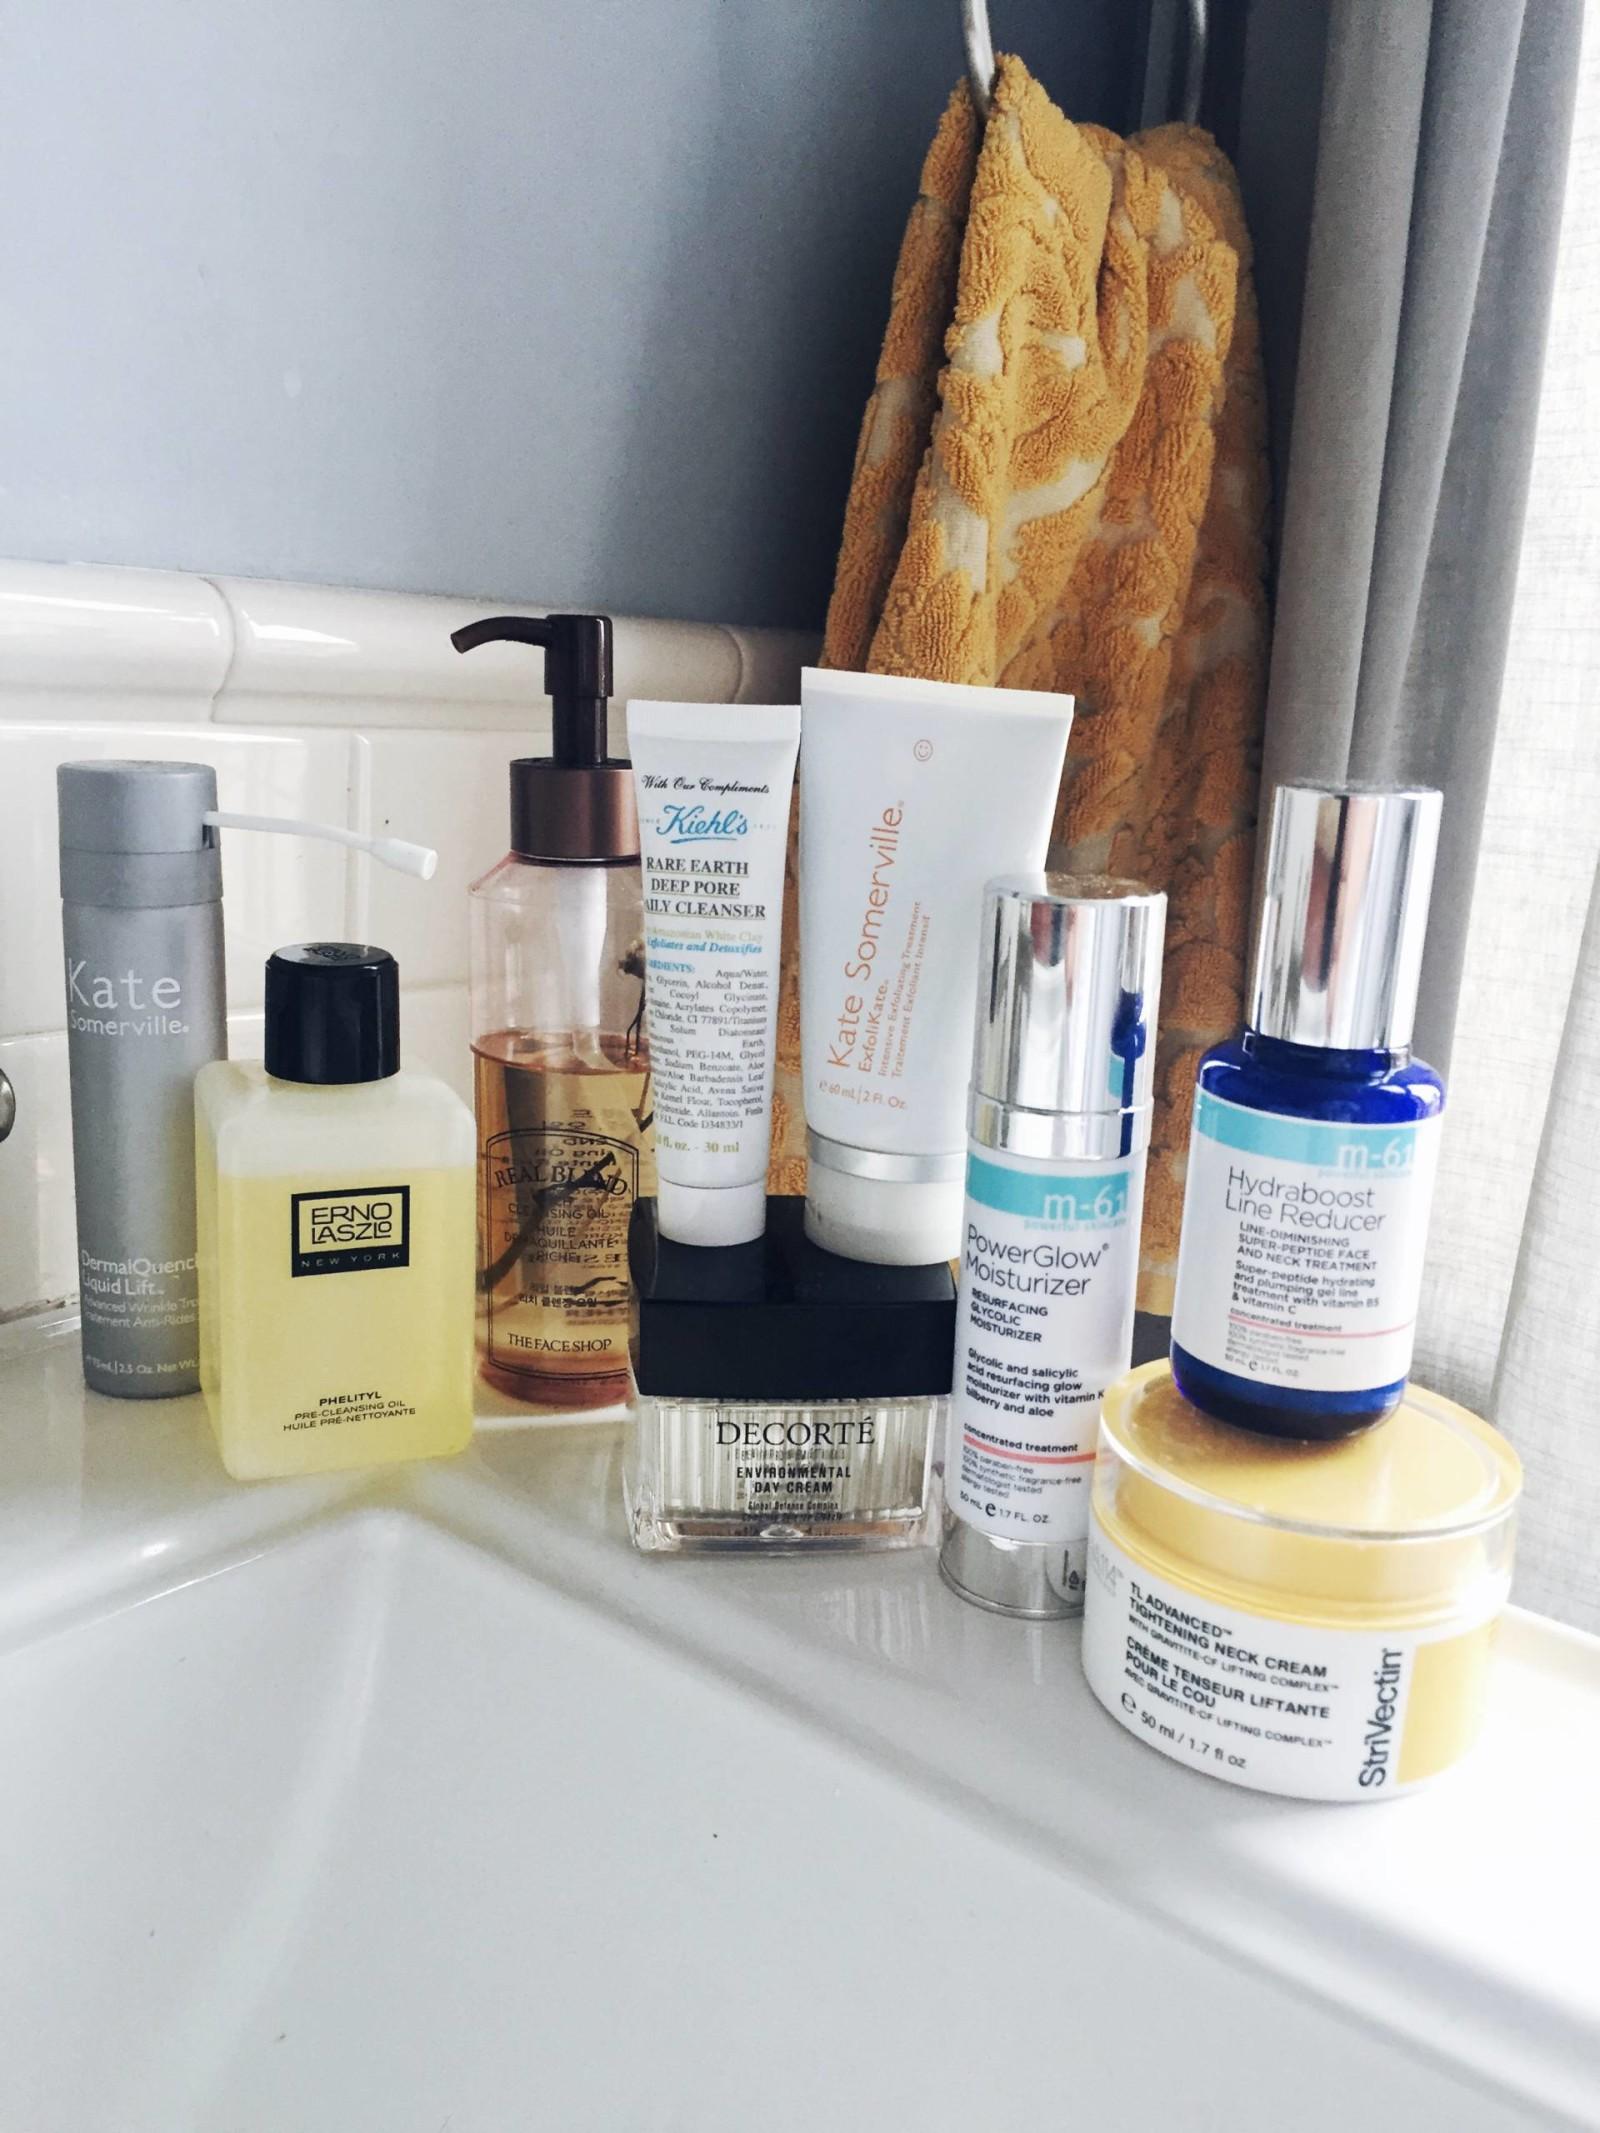 designer skincare products